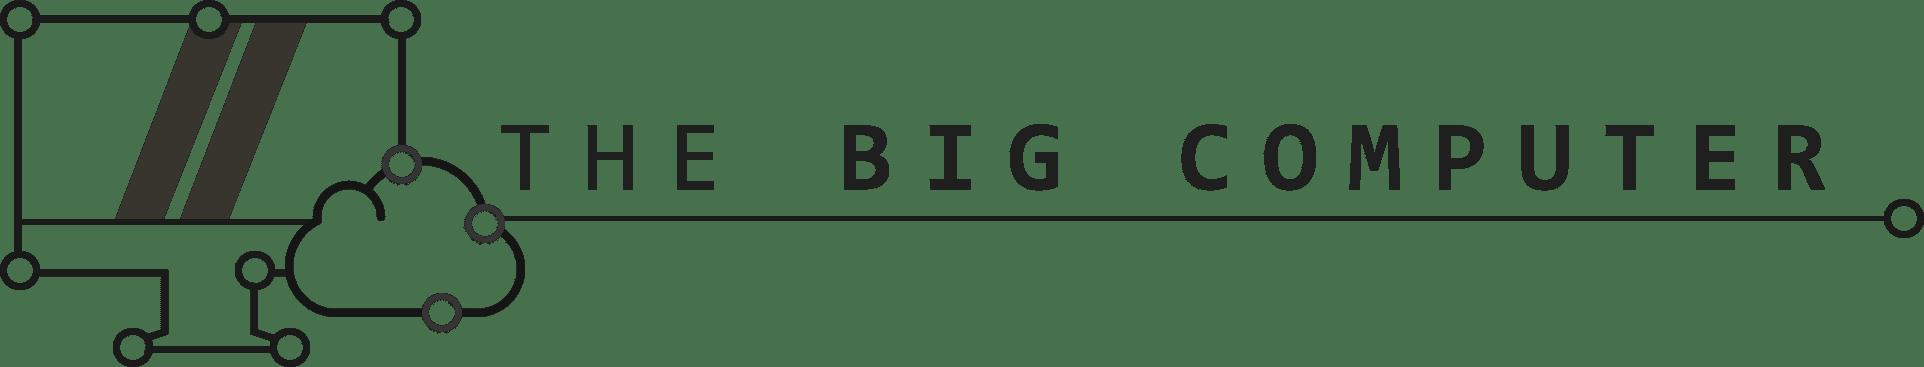 The Big Computer - Blog sobre nuevas tecnologías.